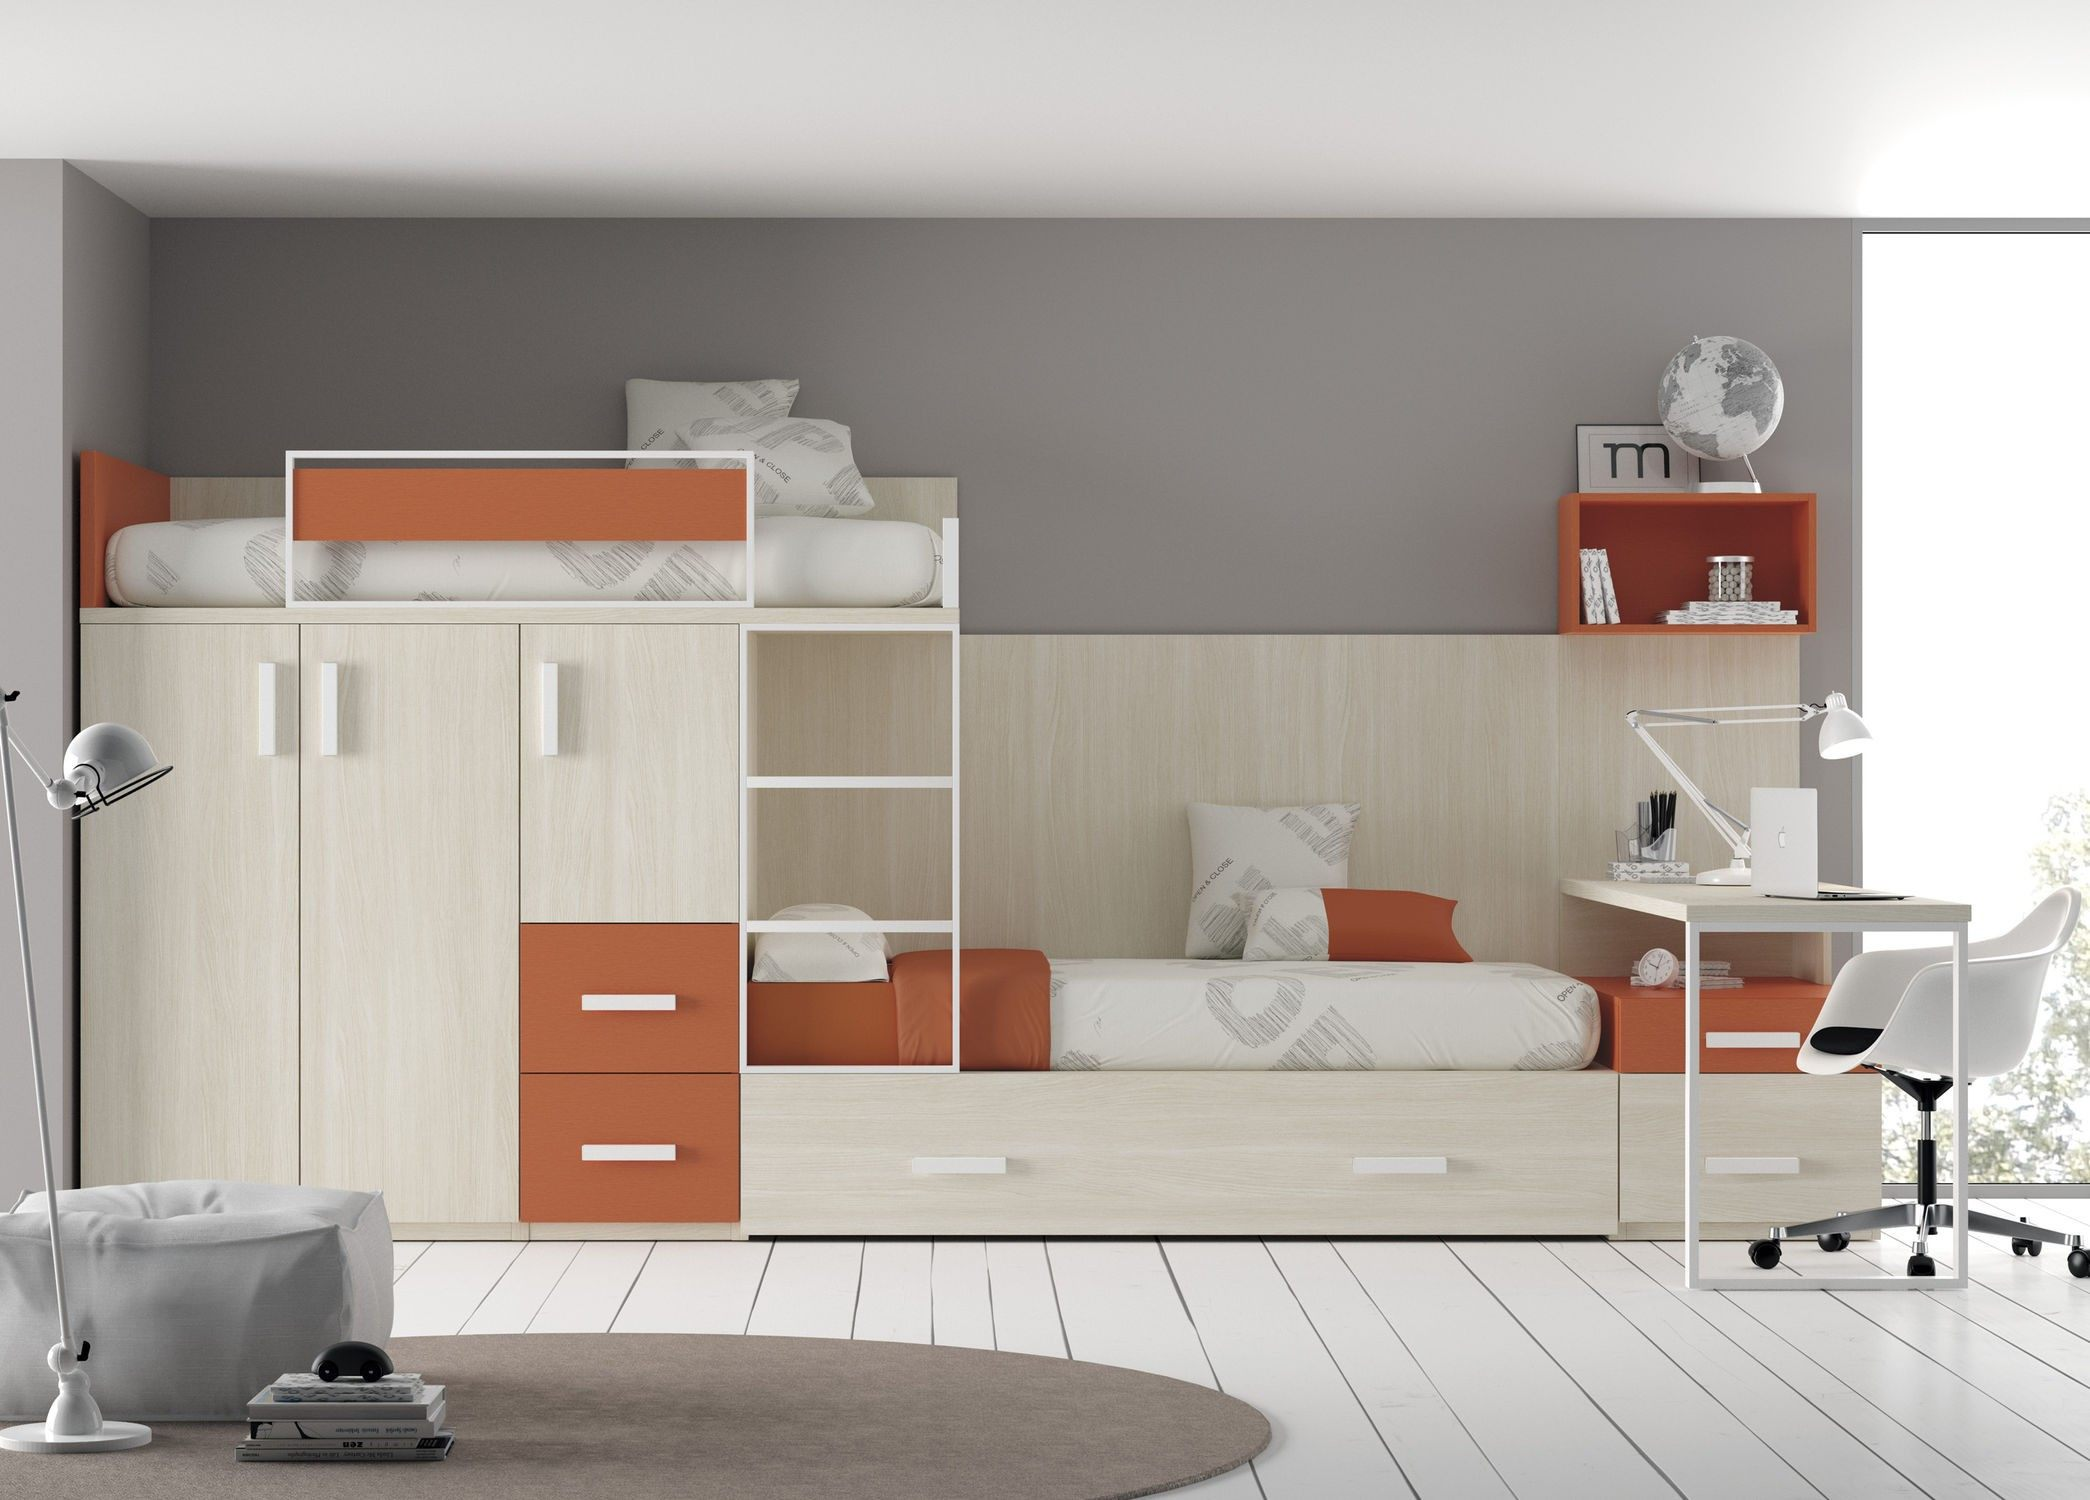 Lit Superposé Moderne Frais Captivant Canapé Lit Moderne Dans Lit Biné Armoire Fresh Lit